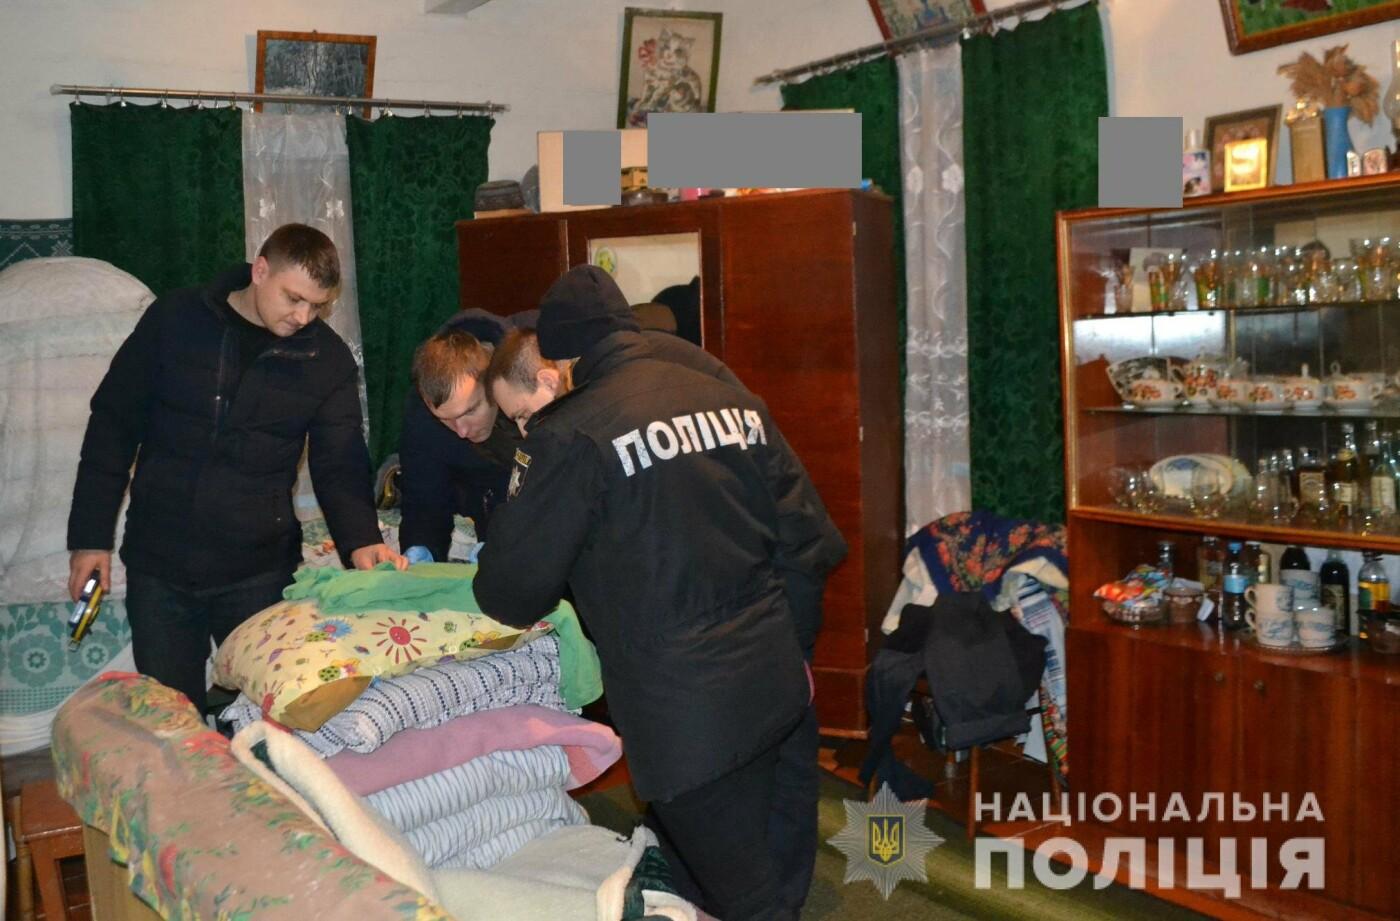 На Рівненщині 86-річний пенсіонер жорстоко вбив свою дружину: вражені навіть правоохоронці (ФОТО, ВІДЕО), фото-3